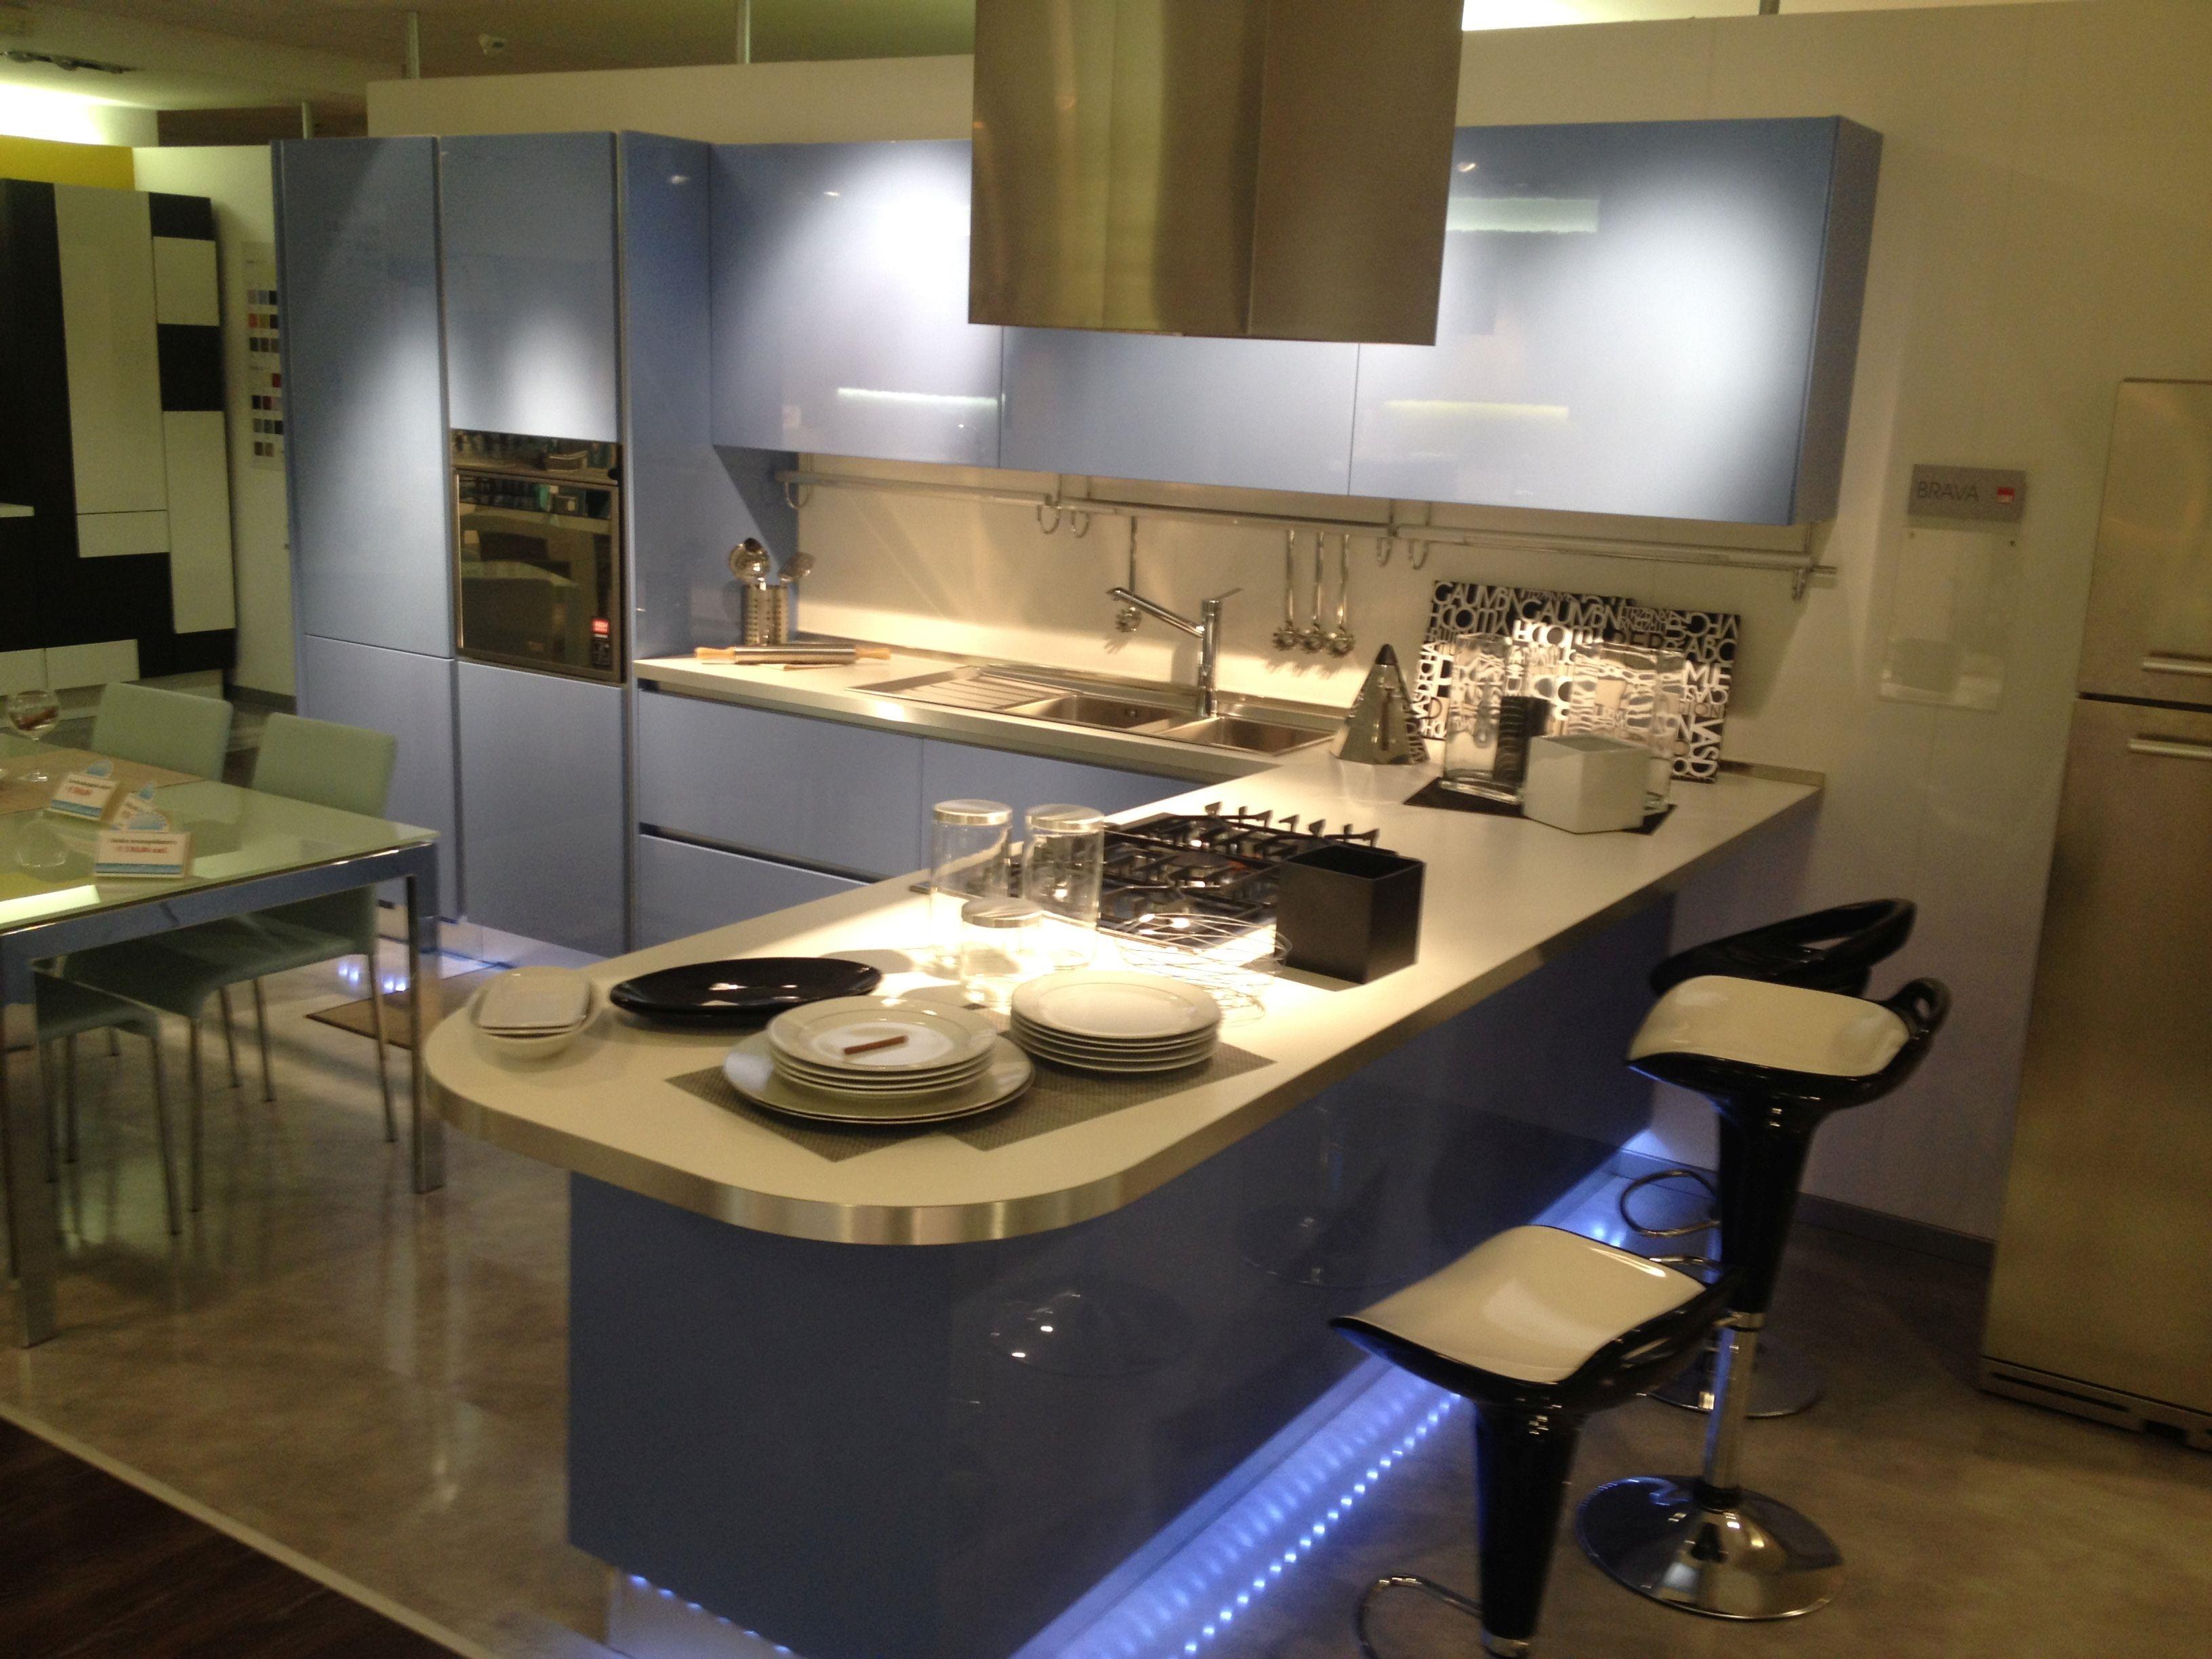 Cucina lube modello brava opinioni cucine lube cucina - Cucina lube opinioni ...